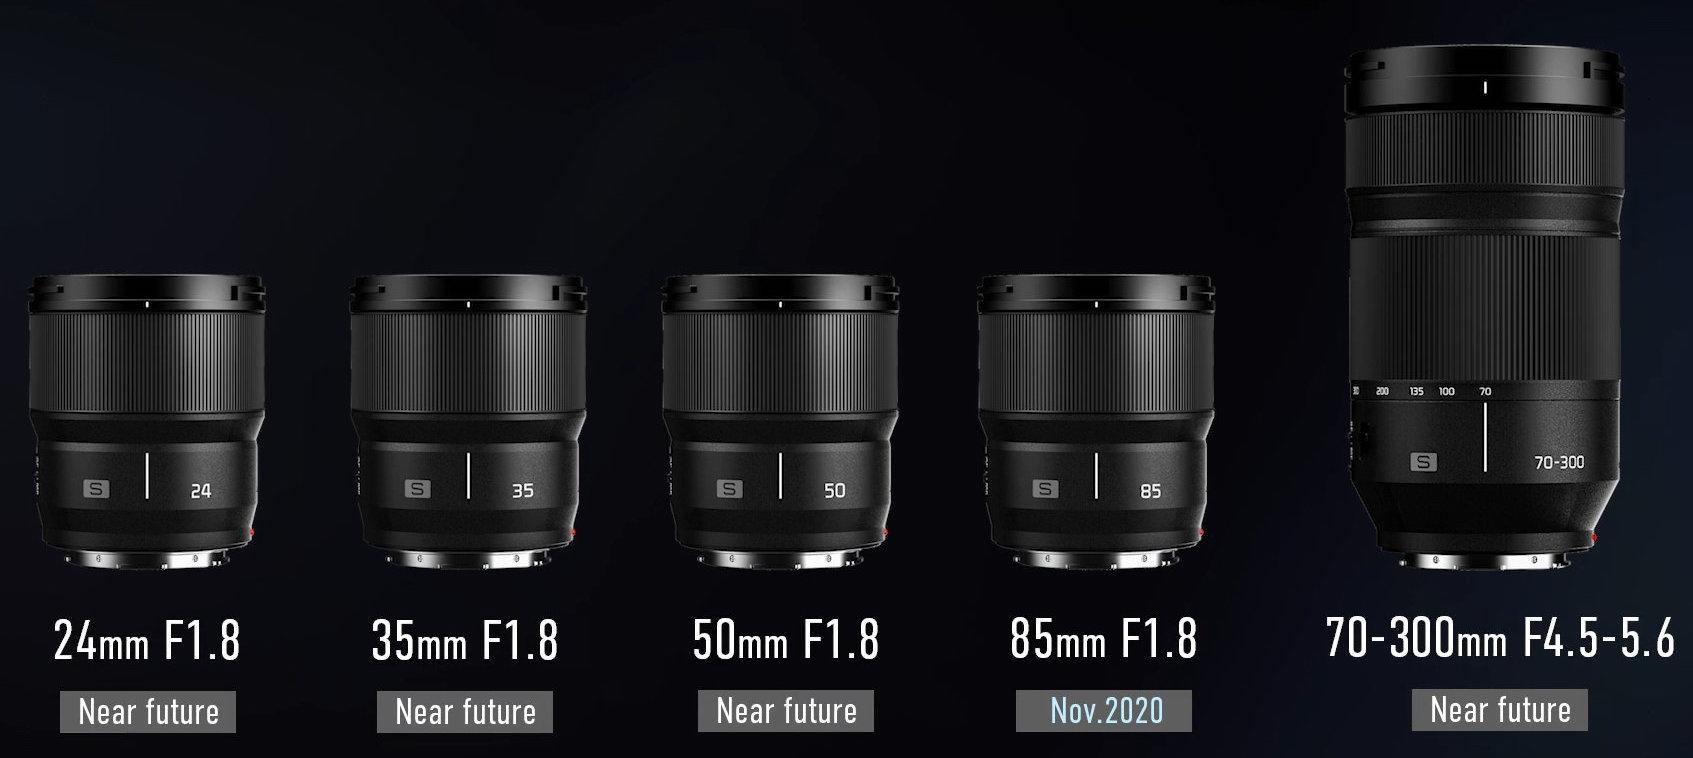 [Topic Unique] ★ Objectifs L pour boitiers Panasonic, Sigma & Leica ★  New-Panasonic-L-mount-lenses